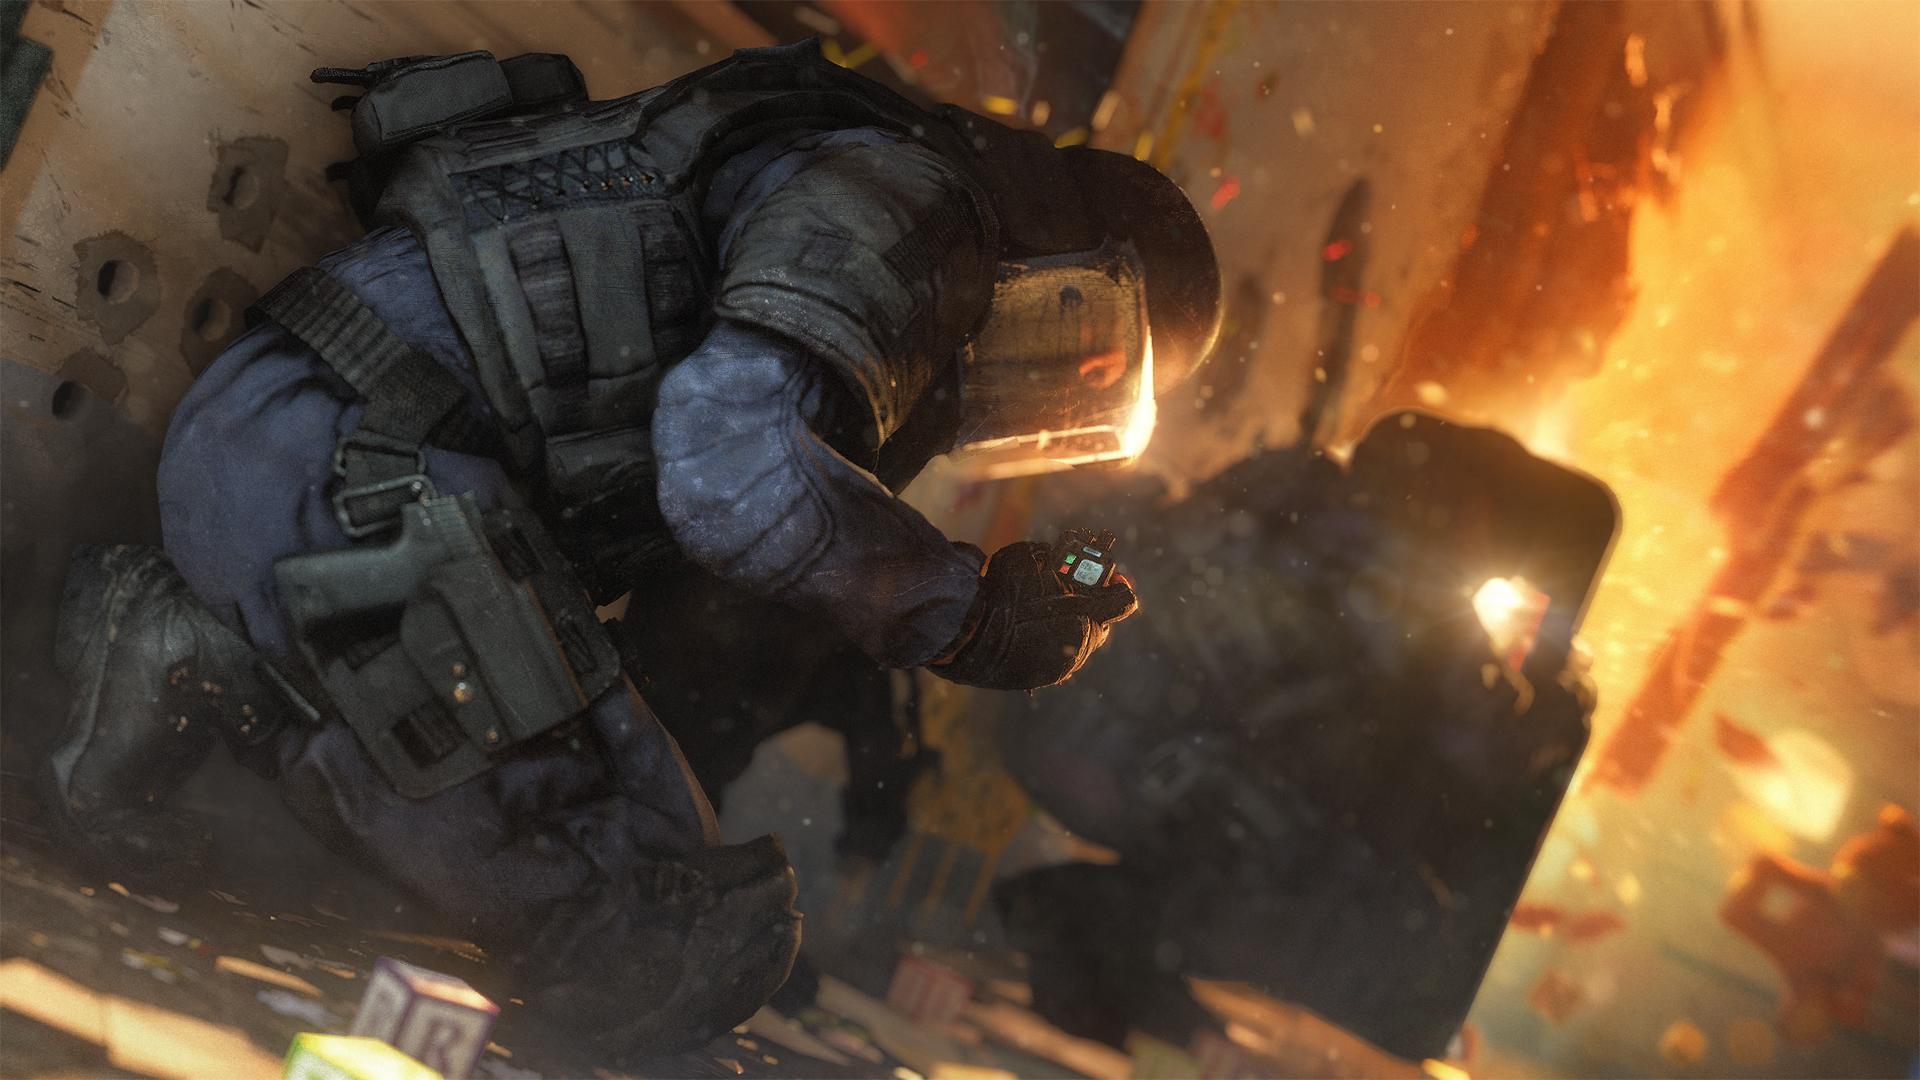 Tom Clancys Rainbow Six Siege Full HD Wallpaper